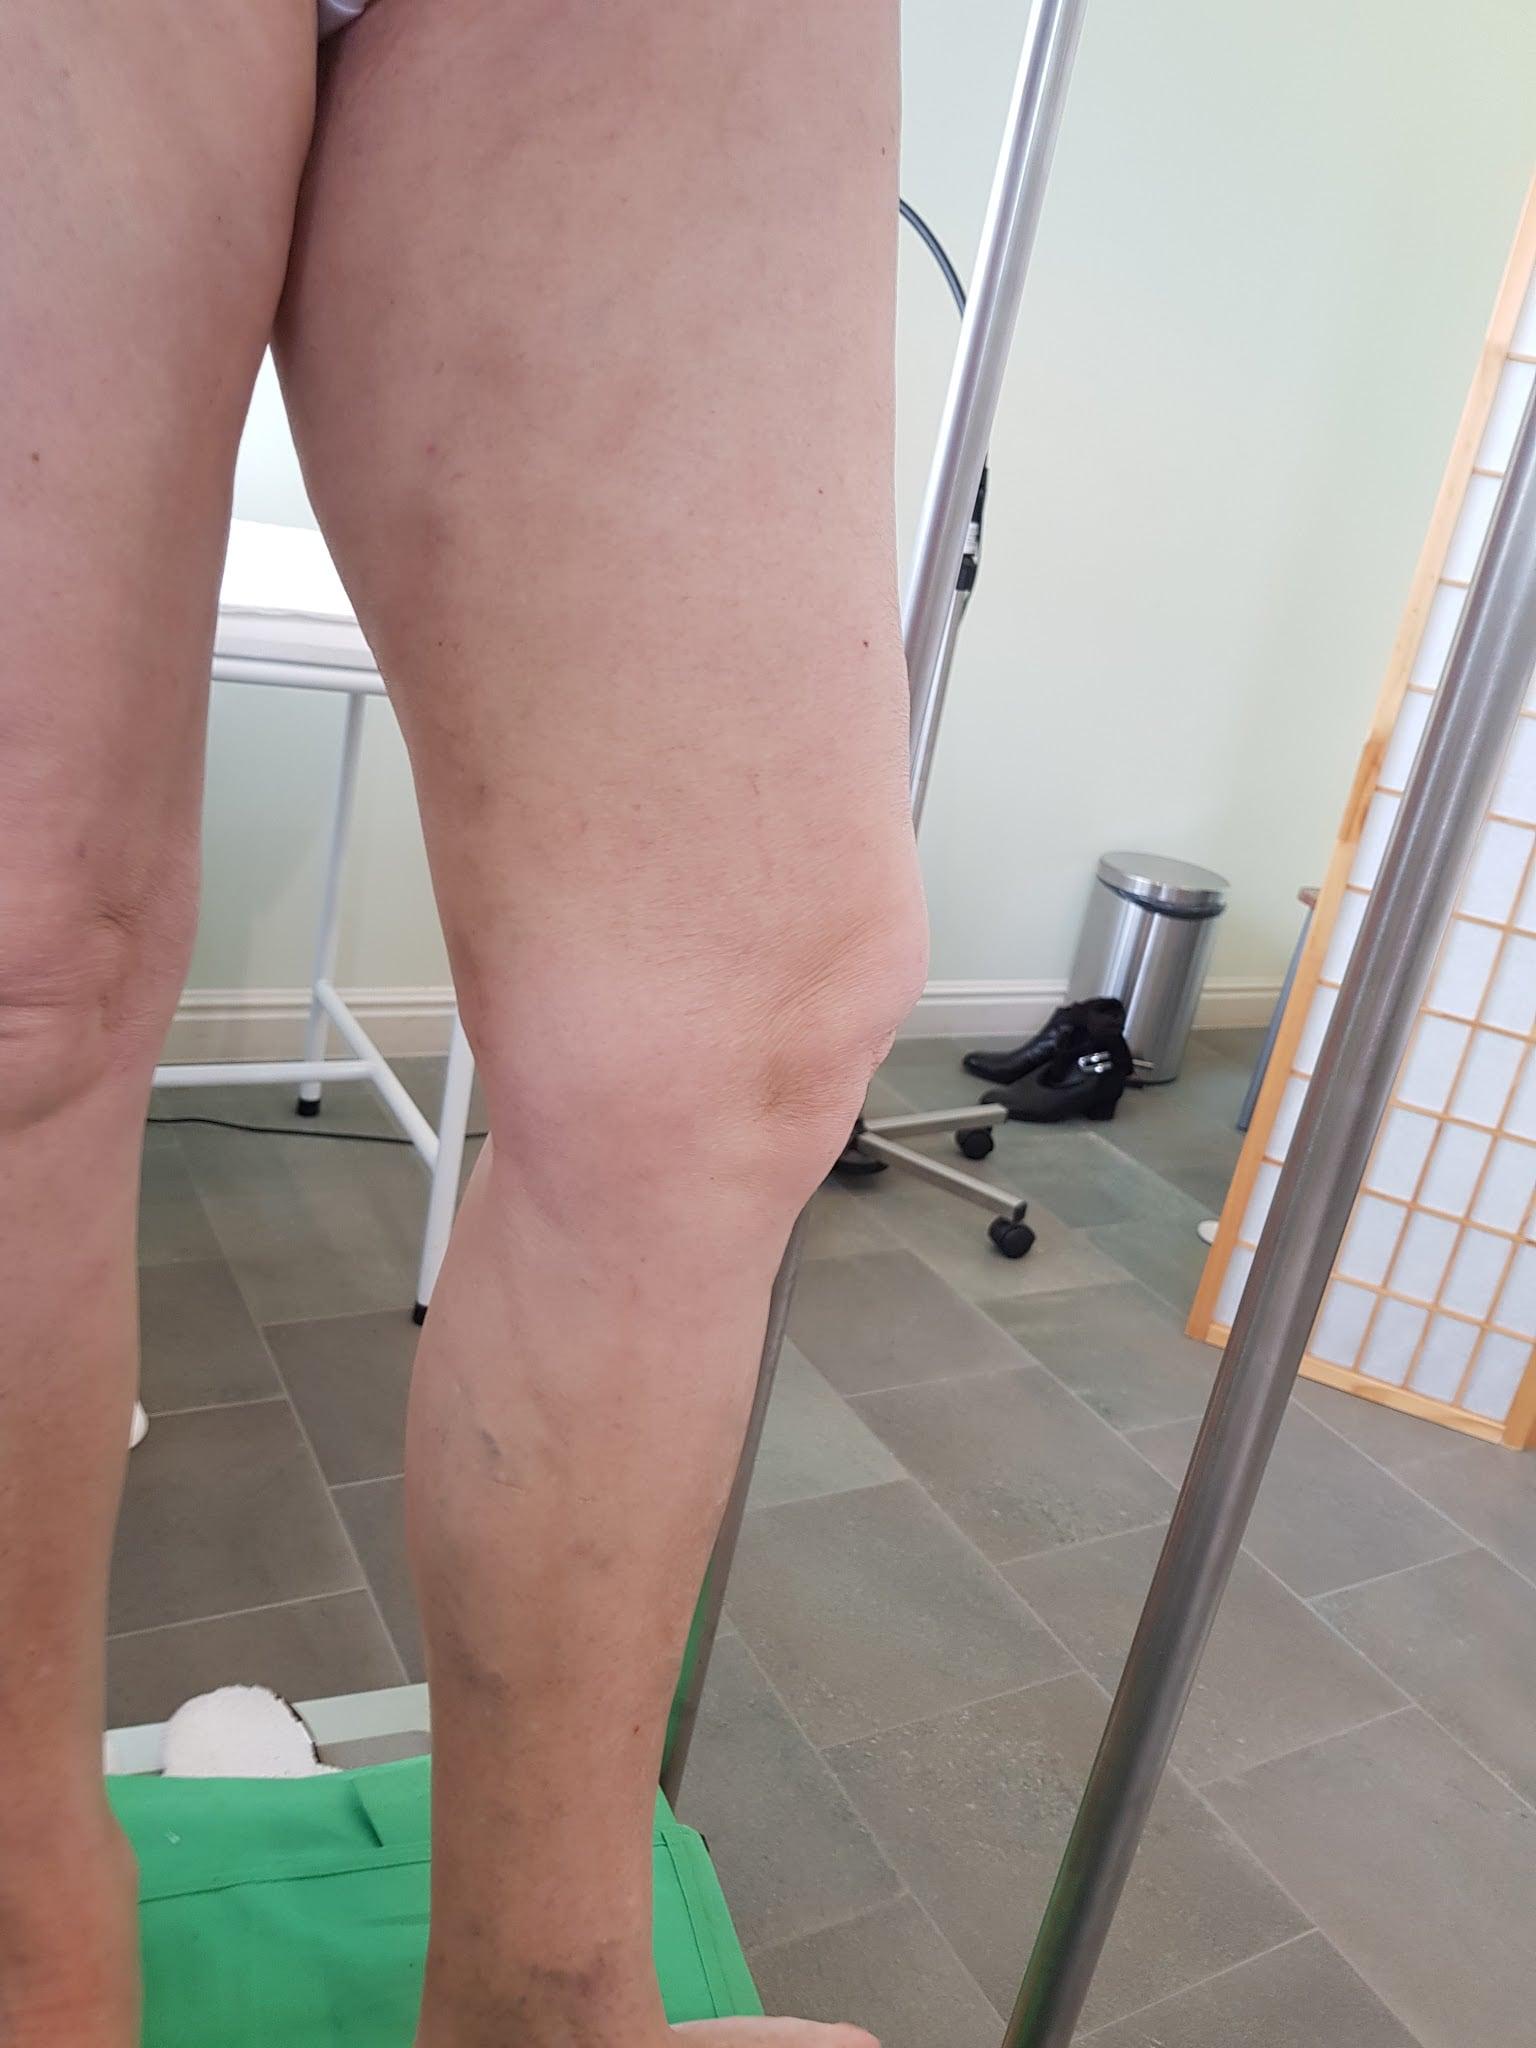 visszérműtét fotó előtt és után az alsó lábszár és a comb visszér